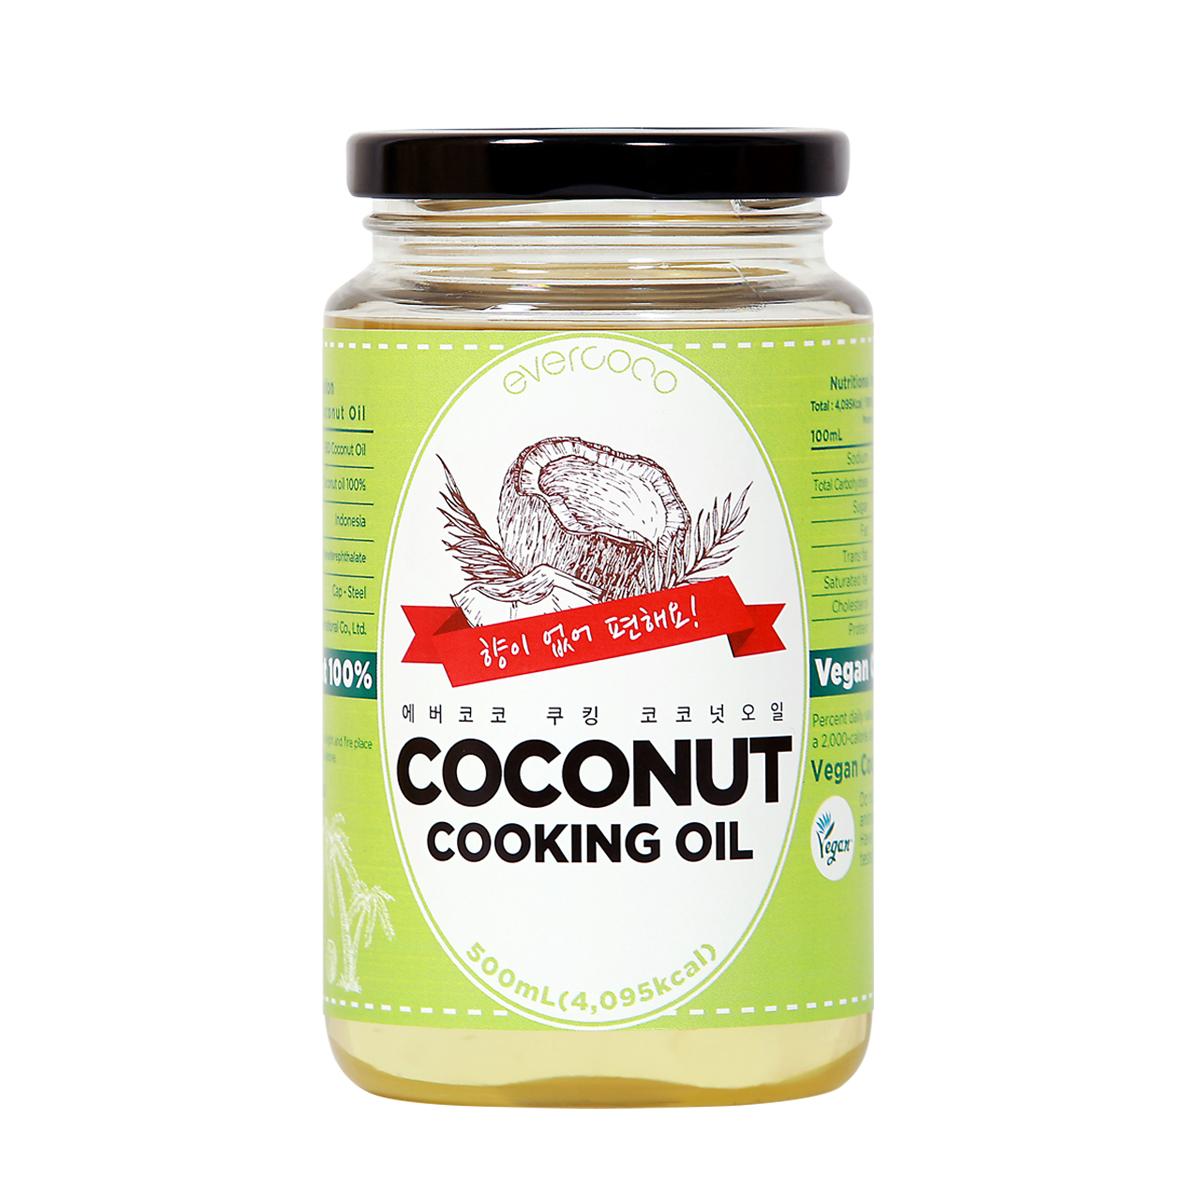 에버코코 쿠킹 코코넛 오일, 500ml, 1개